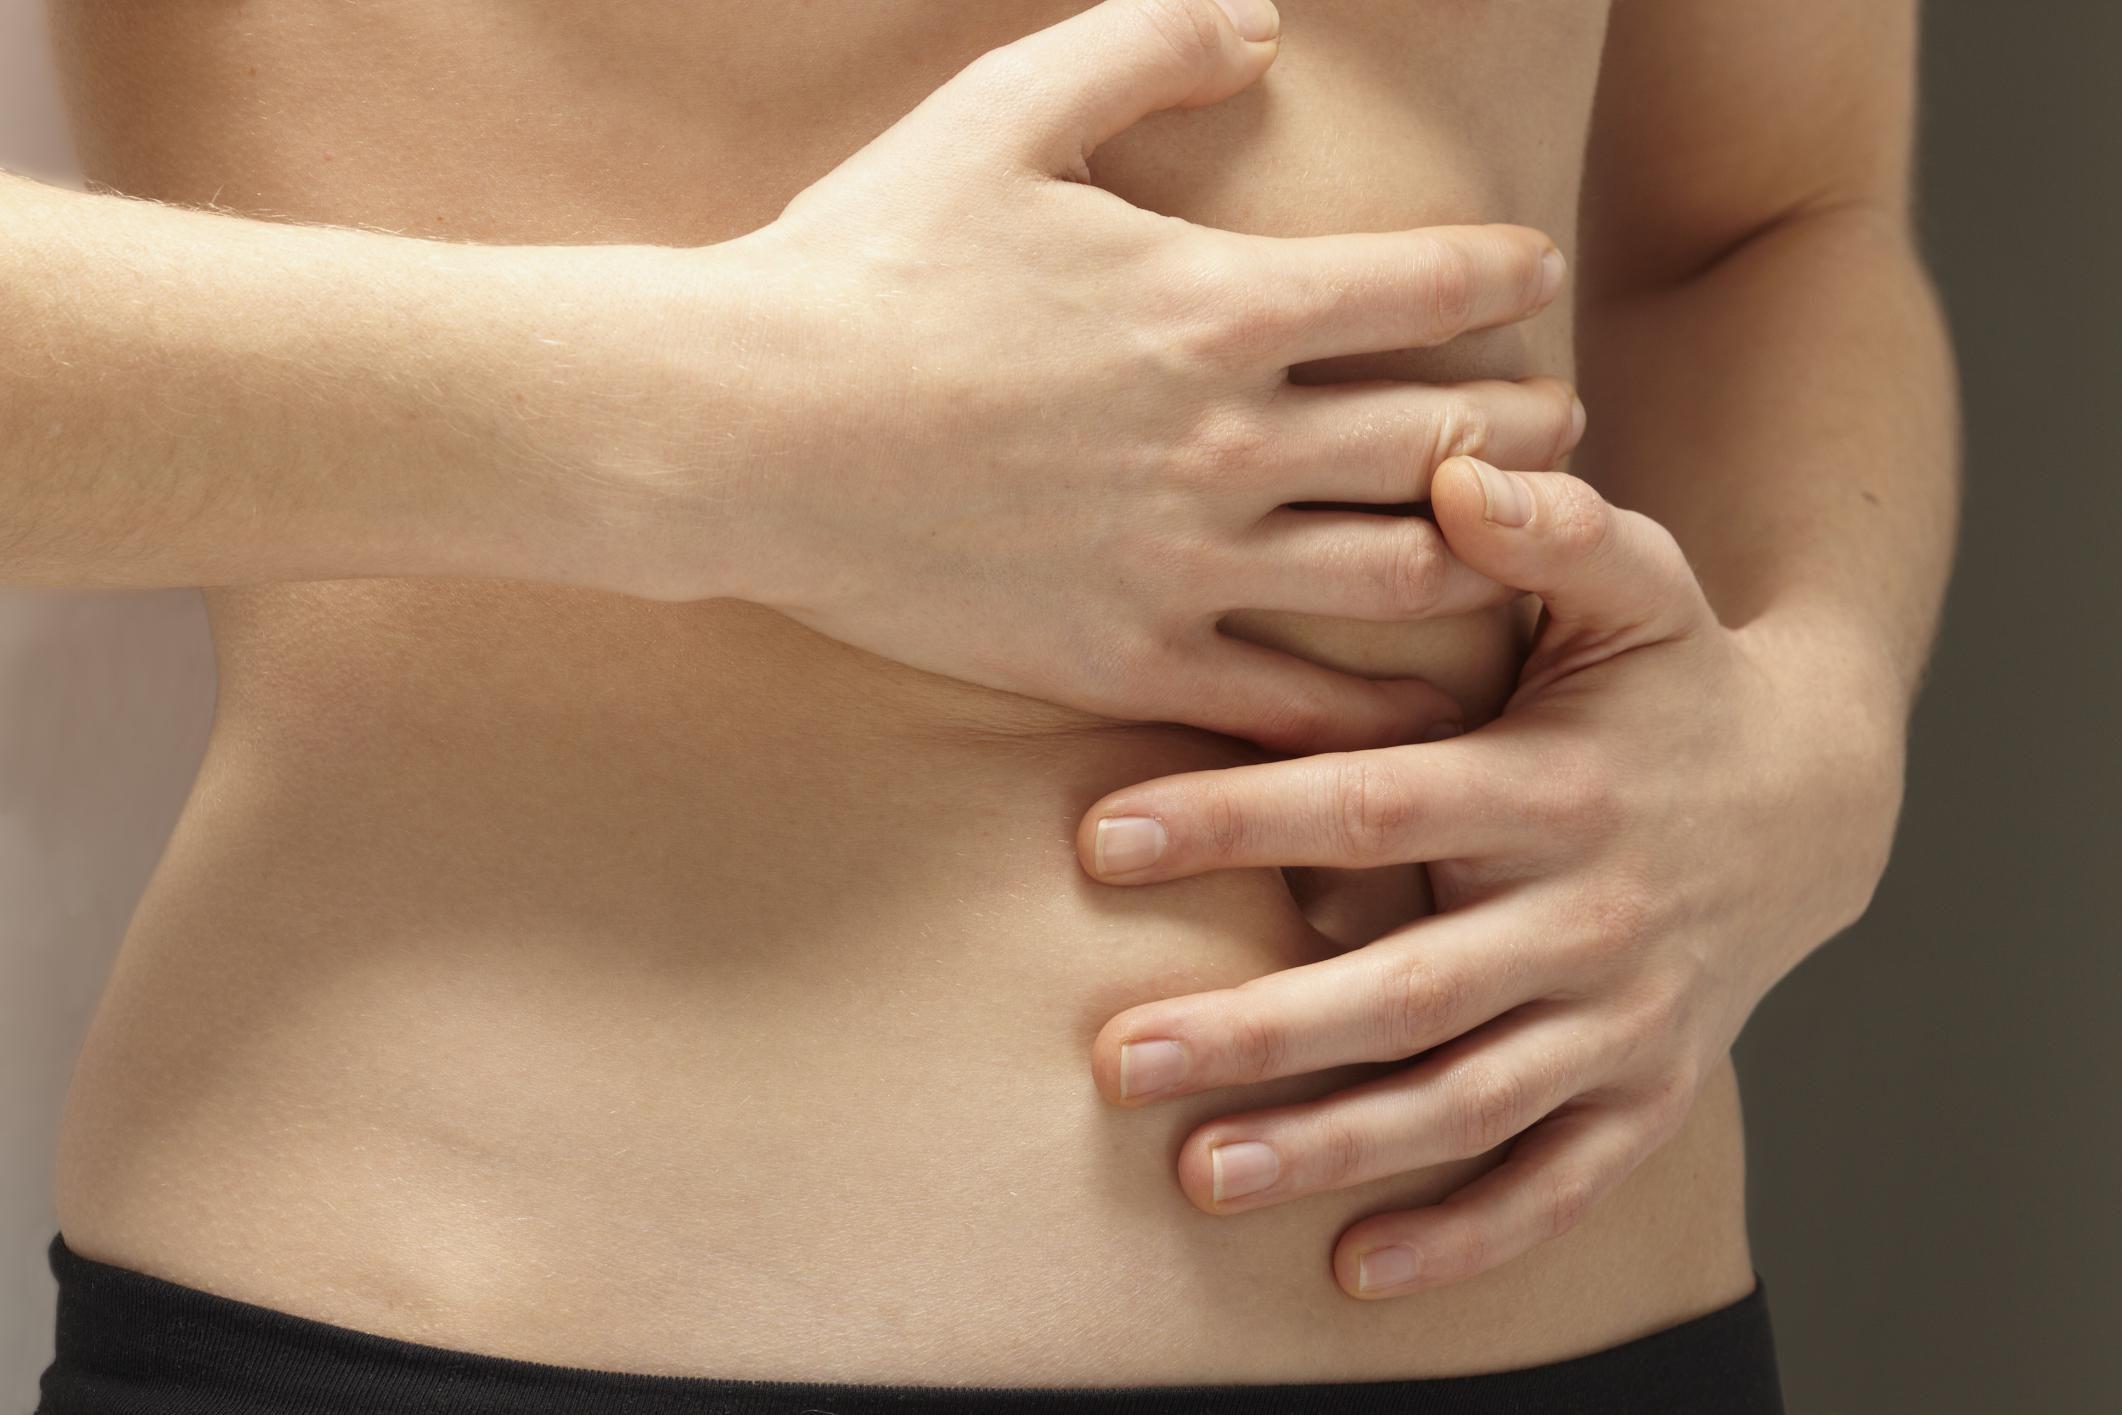 Боль в селезенке: причины, симптомы, лечение